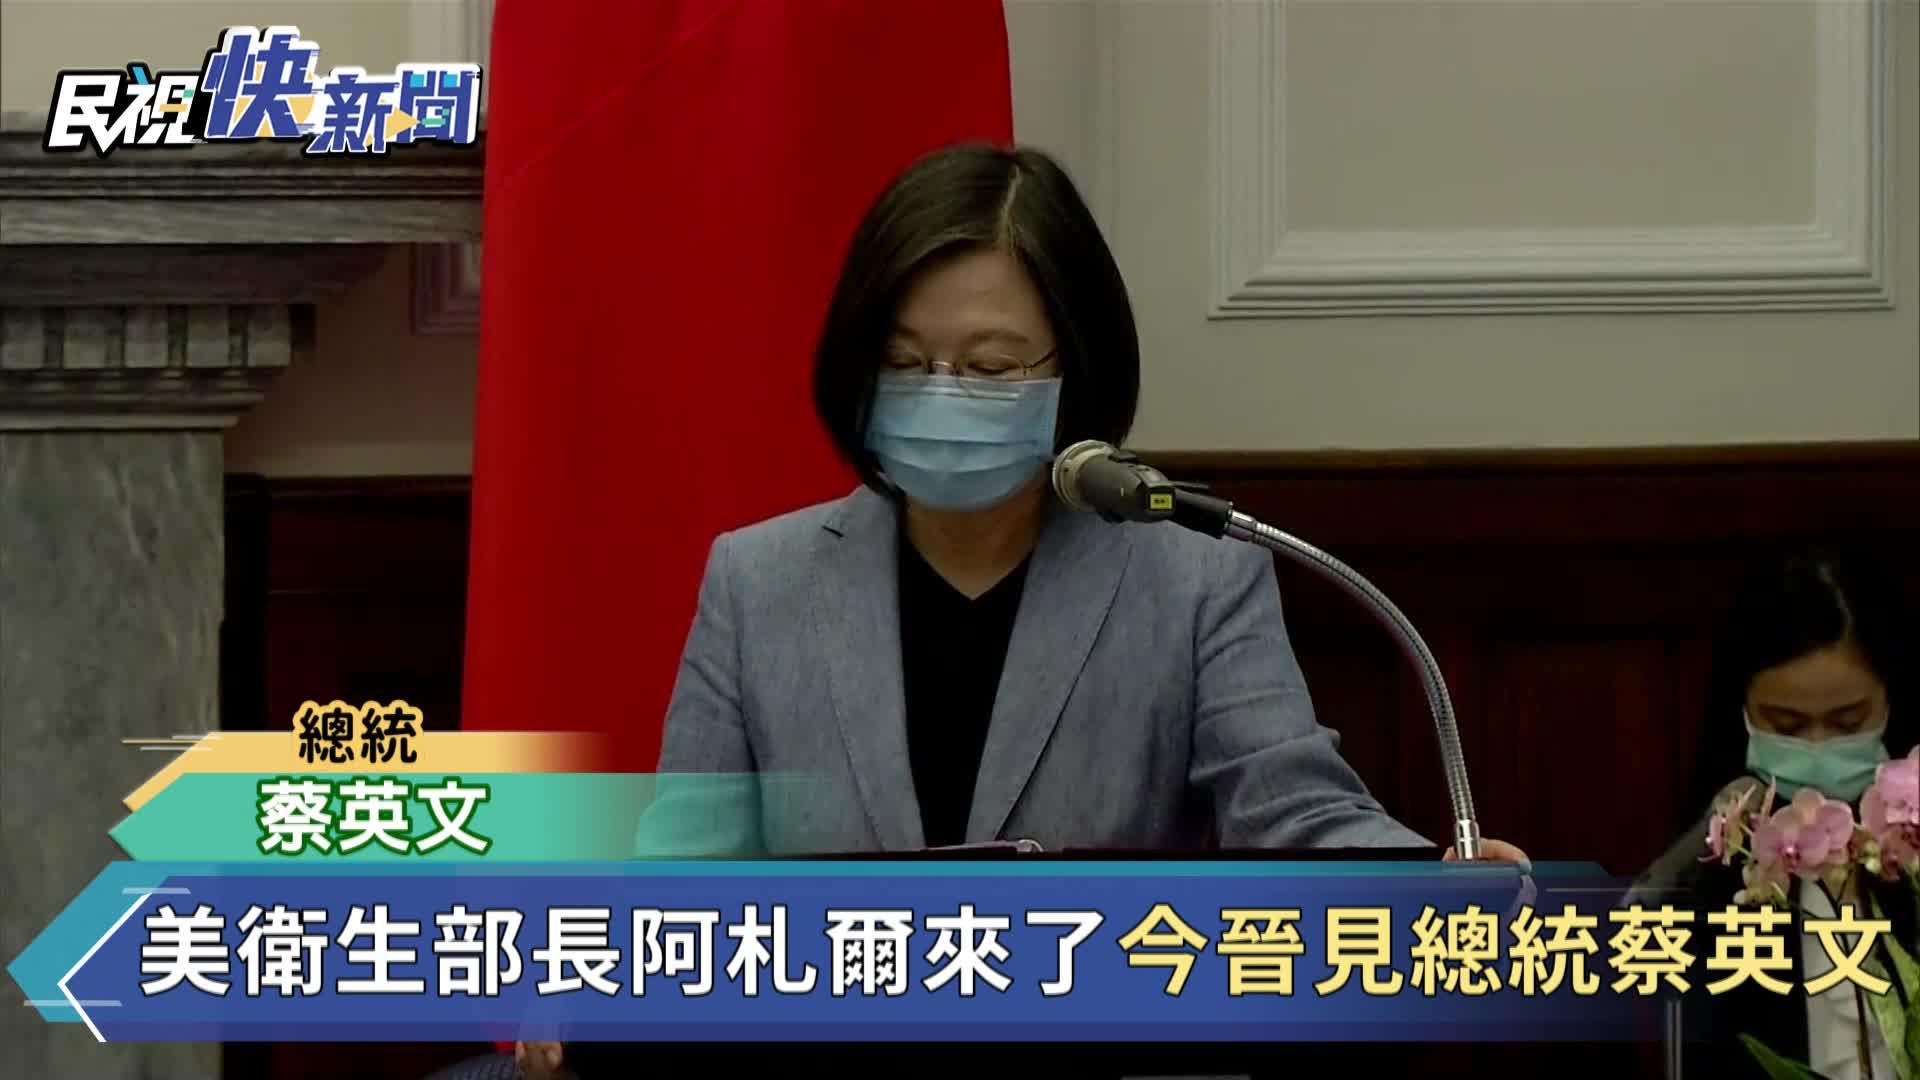 快新聞/蔡英文接見阿札爾 感謝川普、蓬佩奧持續肯定「台灣模式」